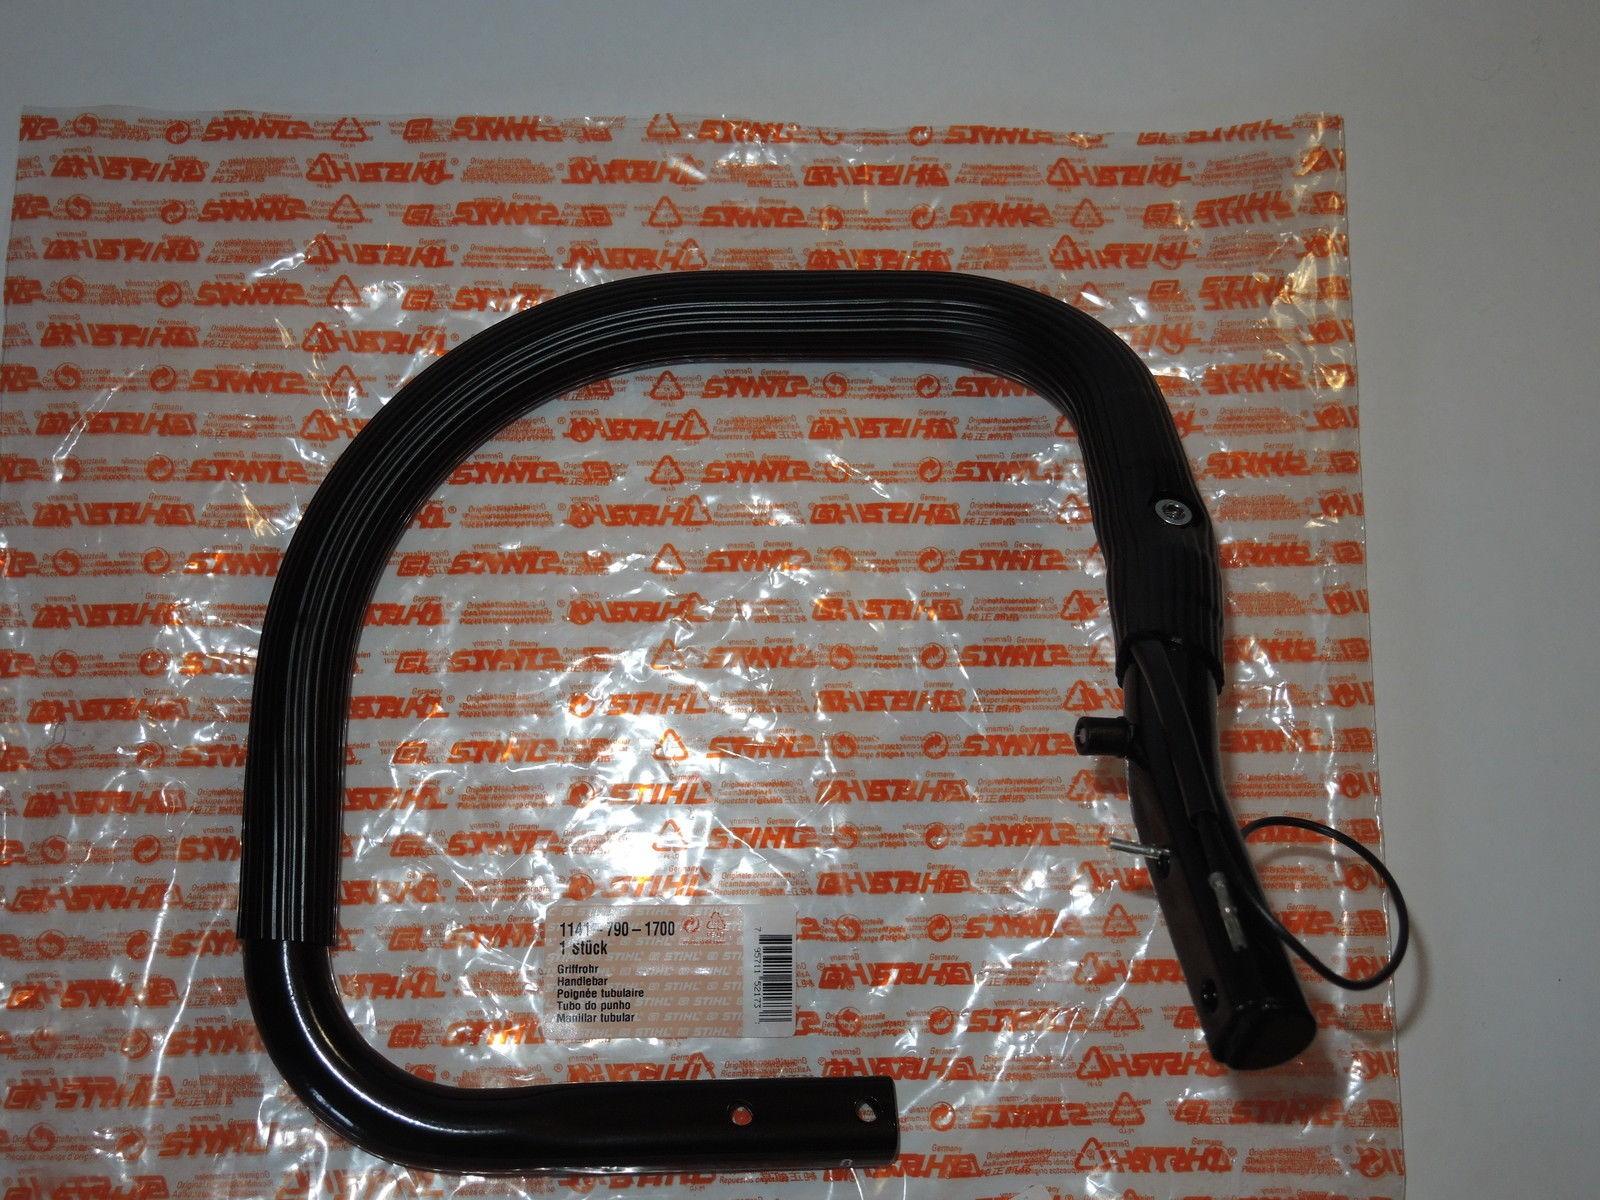 4x Ölpumpe Schnecke Ölfilter Ölschlauch Line für Stihl 021 023 MS210 MS230 MS250